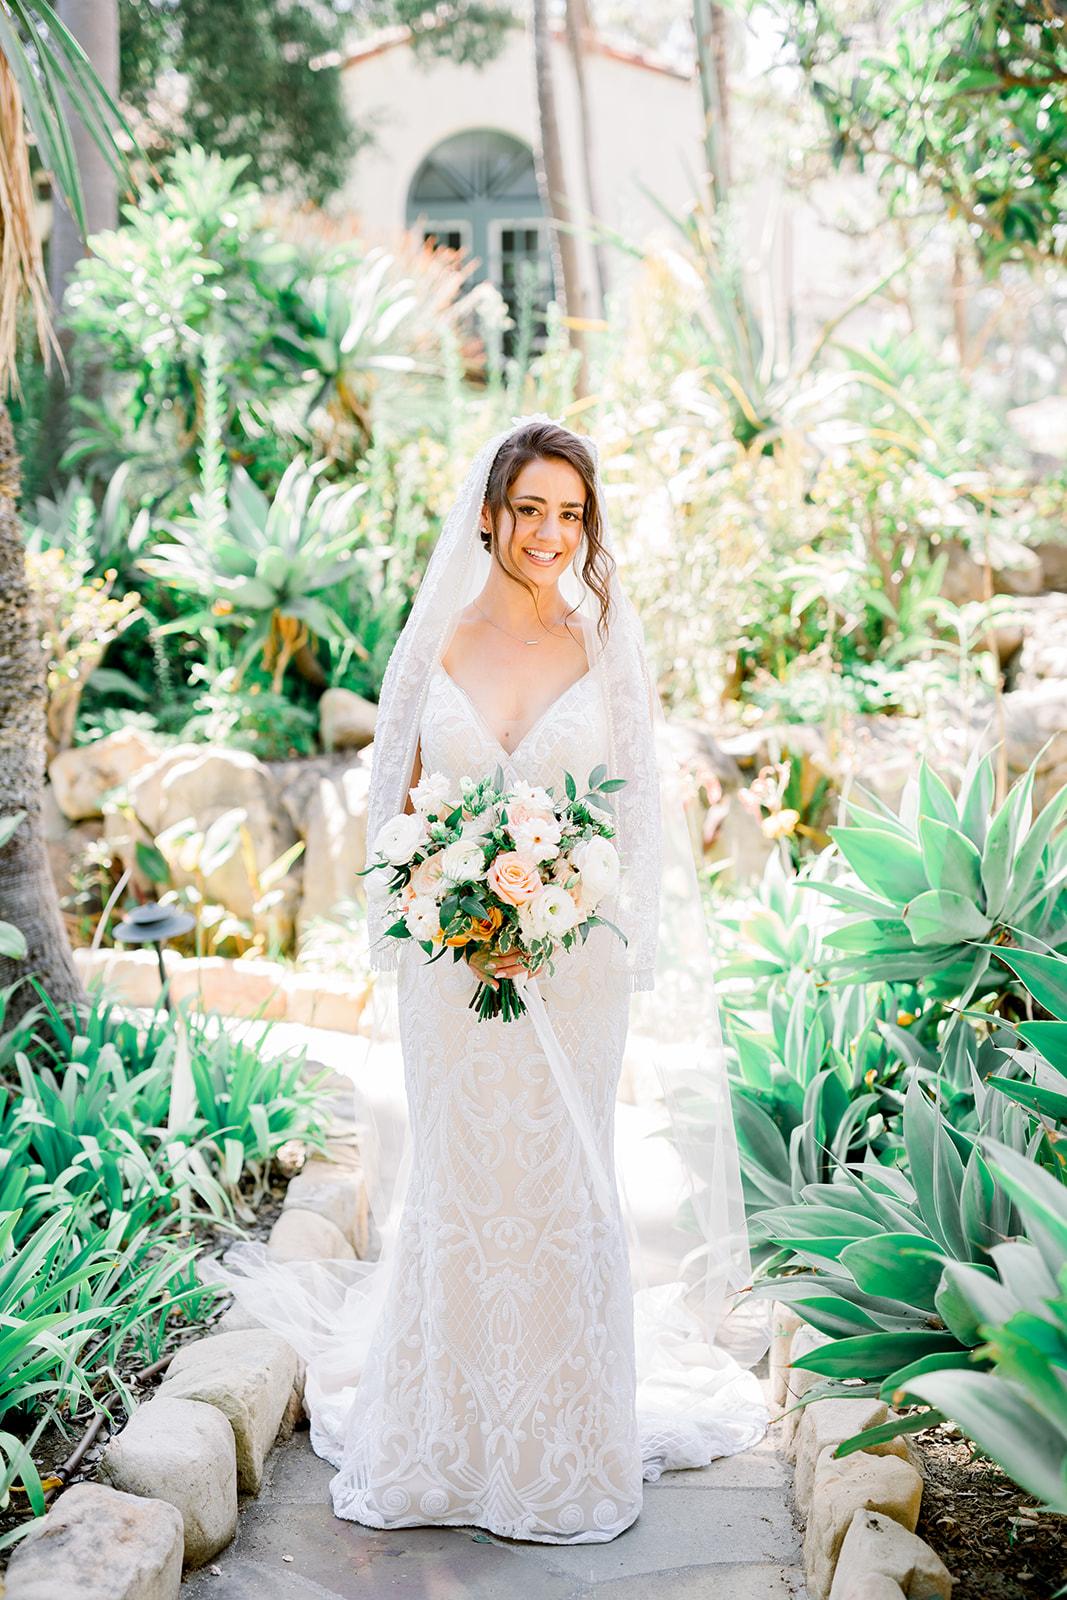 BELMOND-EL-ENCANTO-WEDDING-TODD-SP-25.jpg